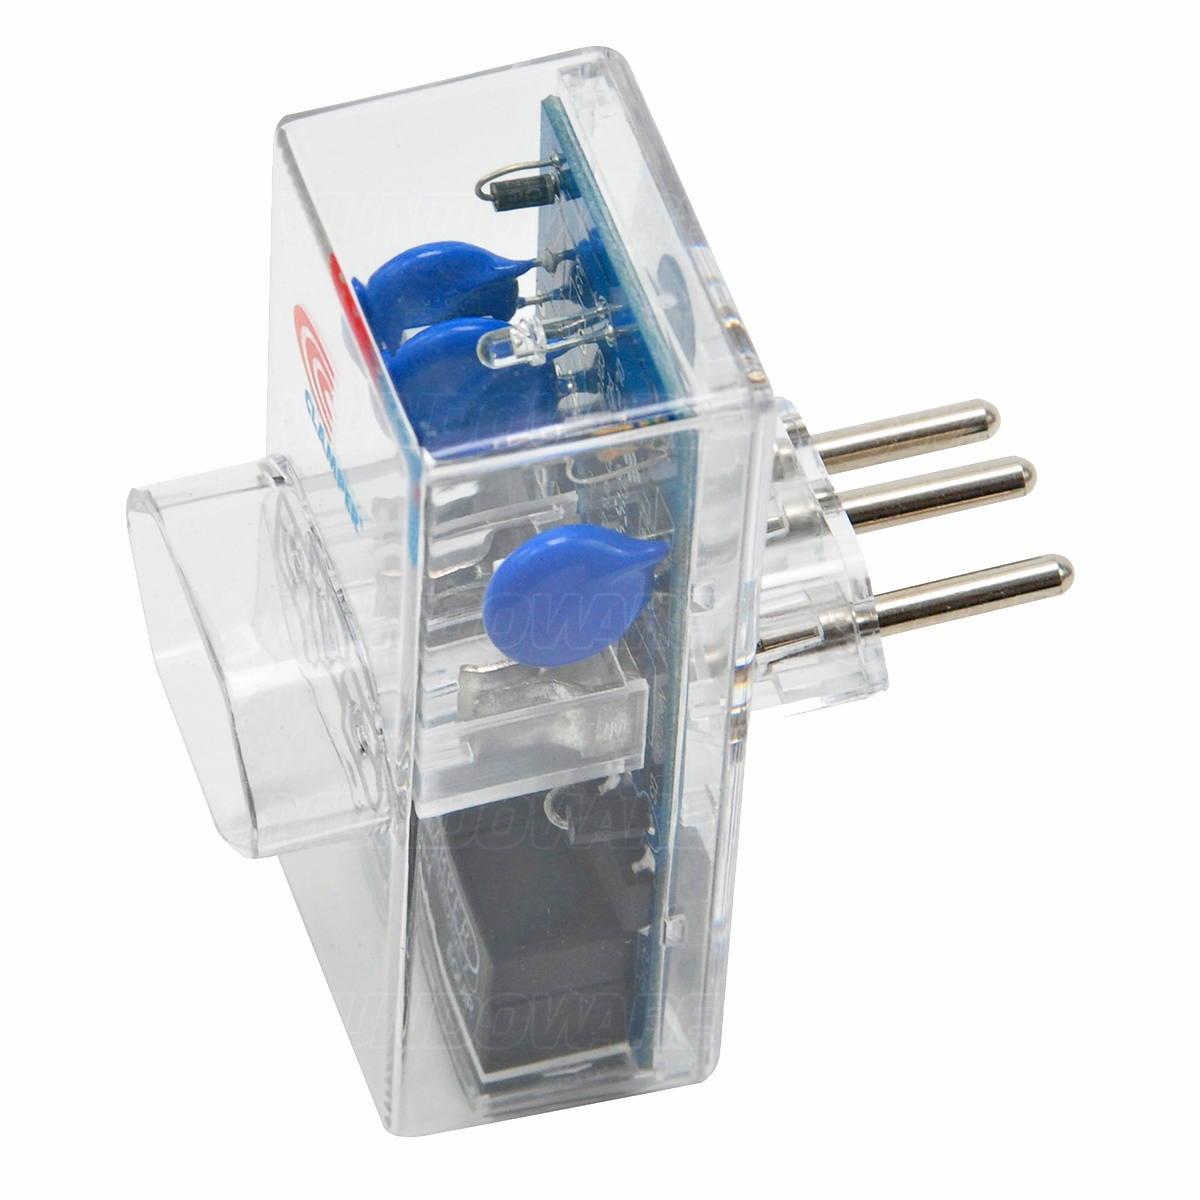 DPS Clamper Energia + Ethernet Proteção contra Raios e Surtos na Rede Elétrica e via Conector RJ45 Bi 10A Transparente